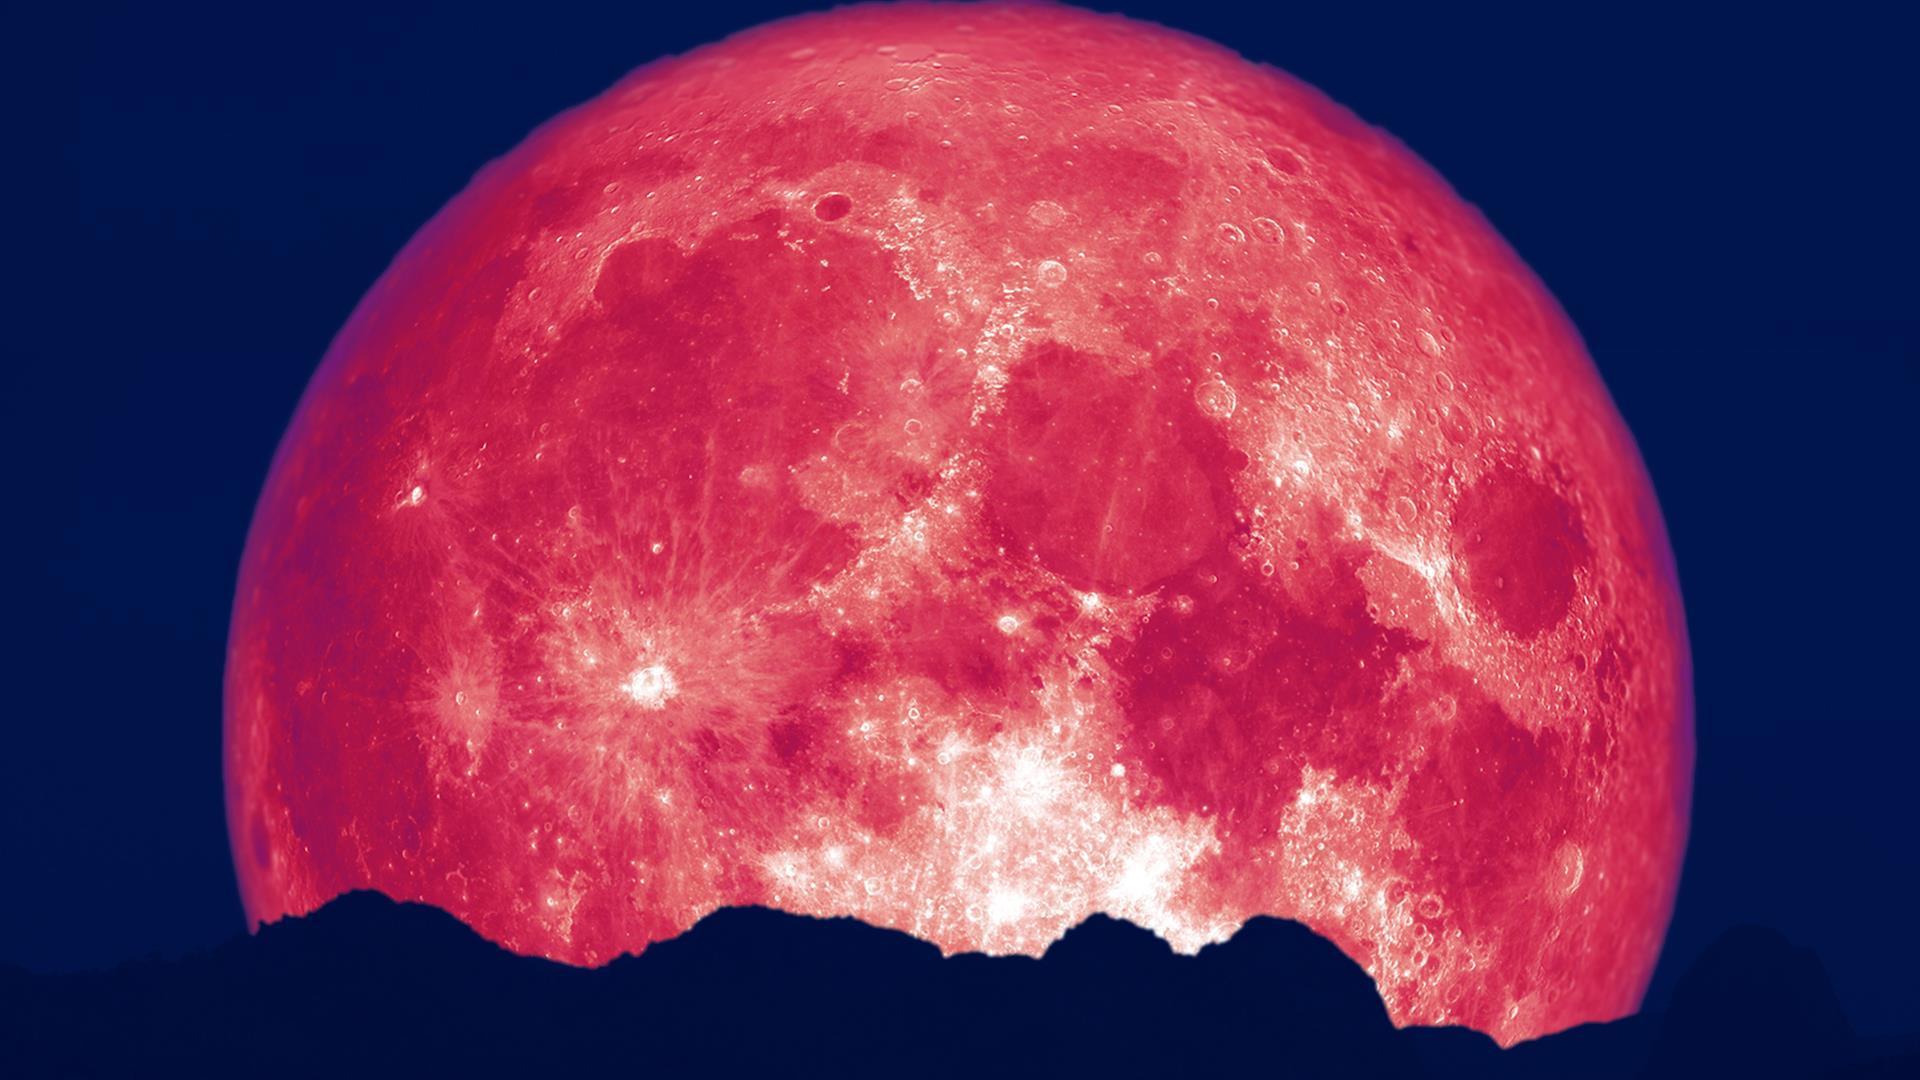 клубничная луна фото